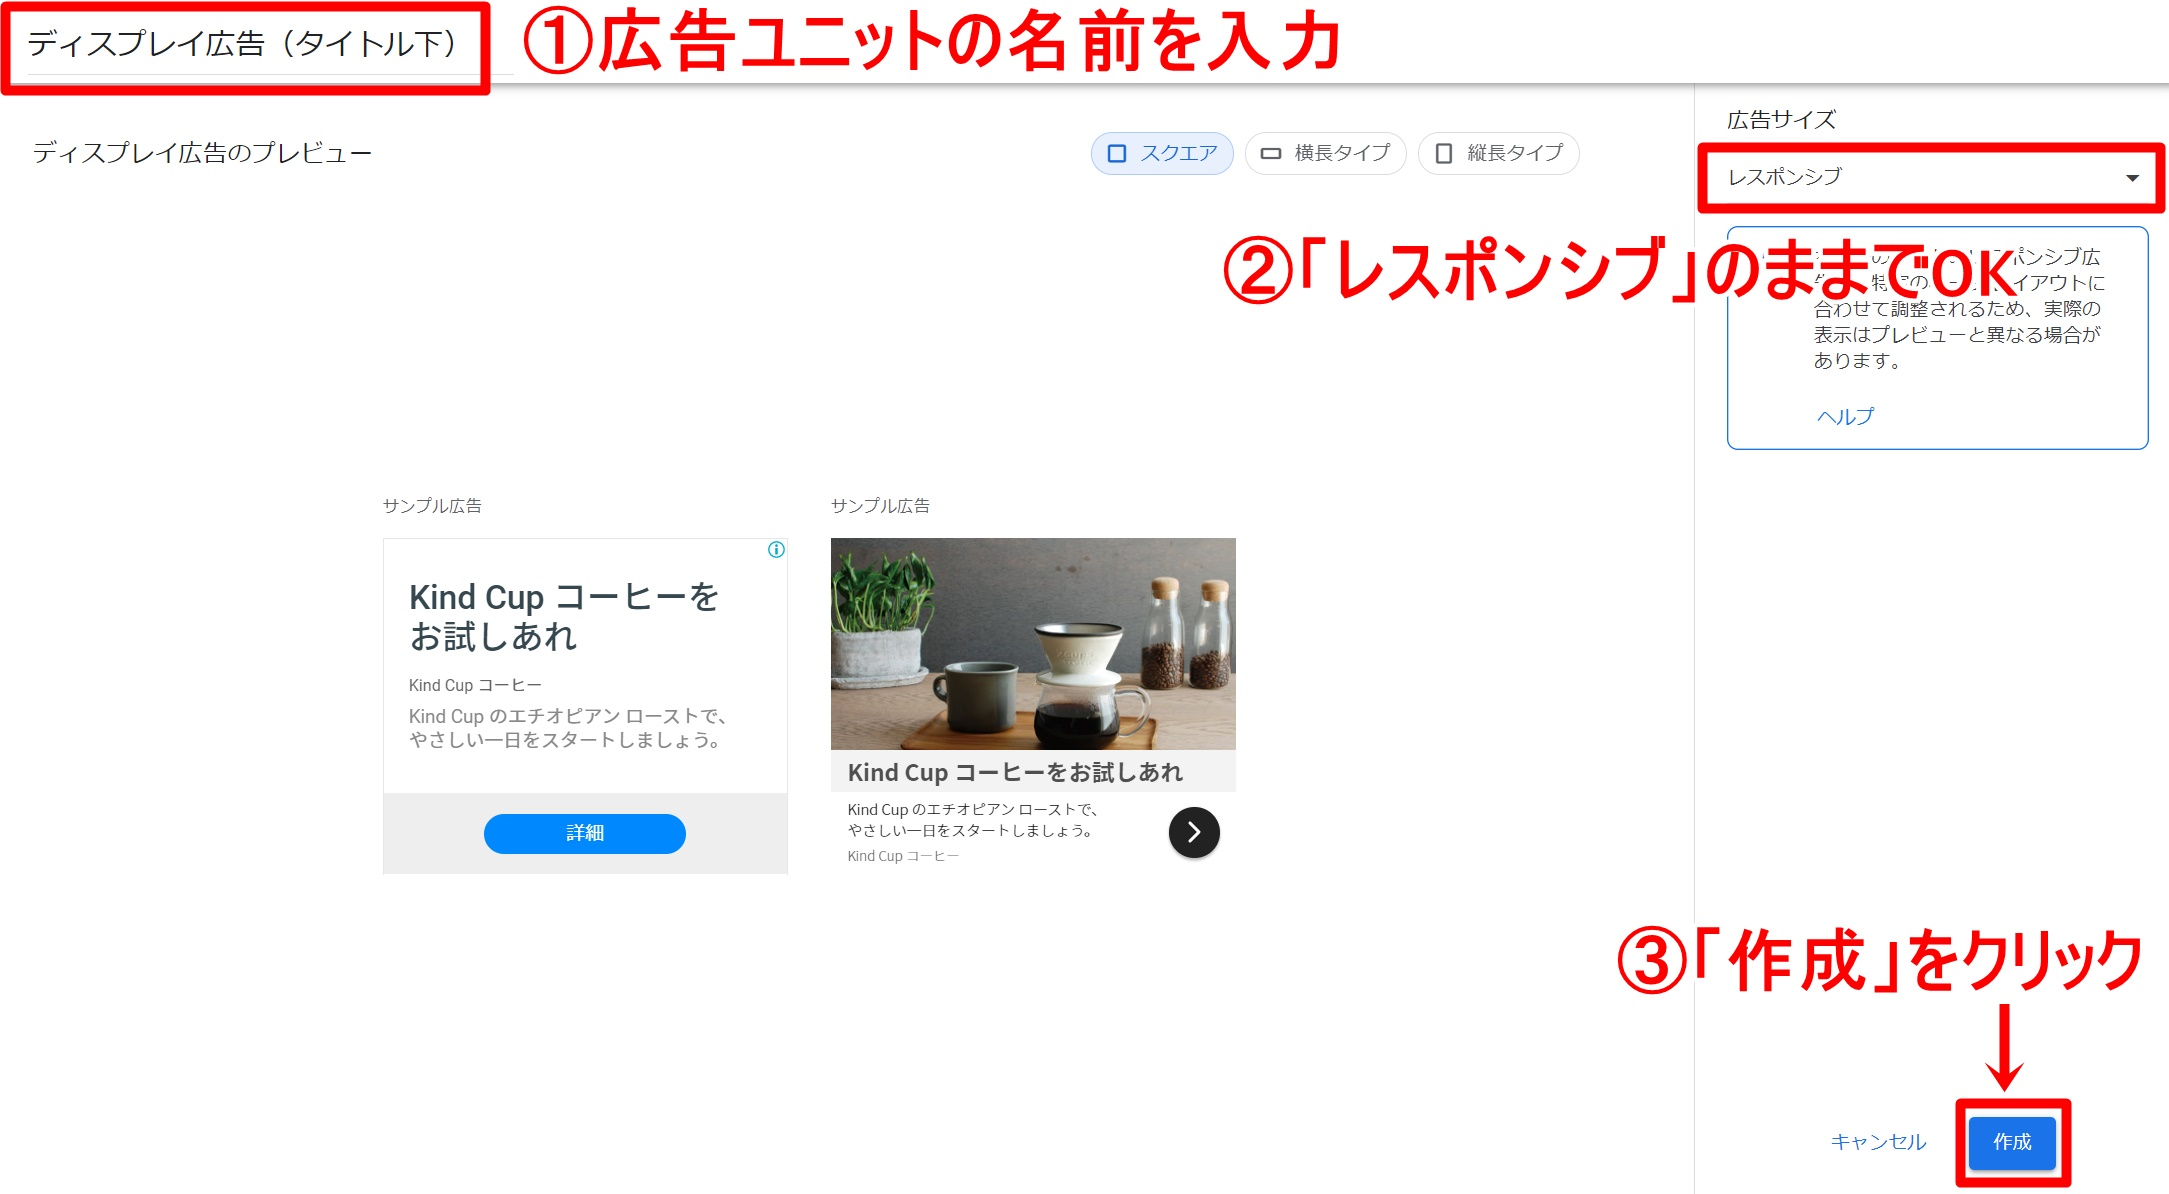 広告コードの発行方法2